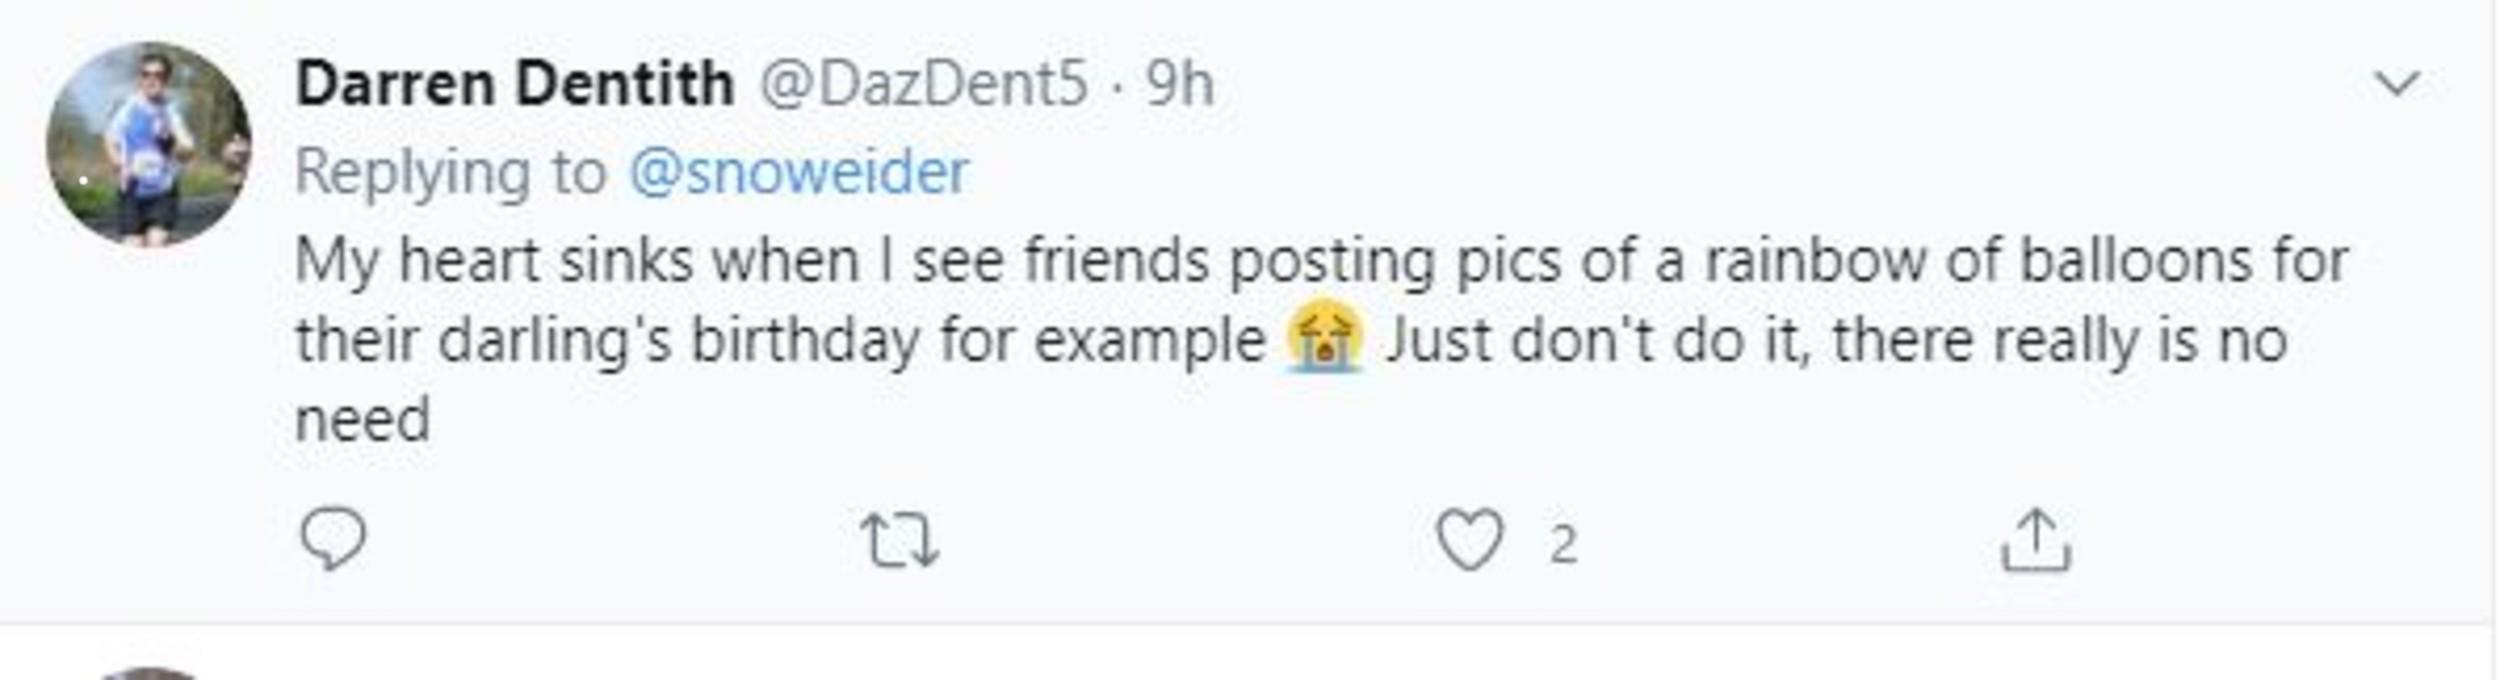 social media comment